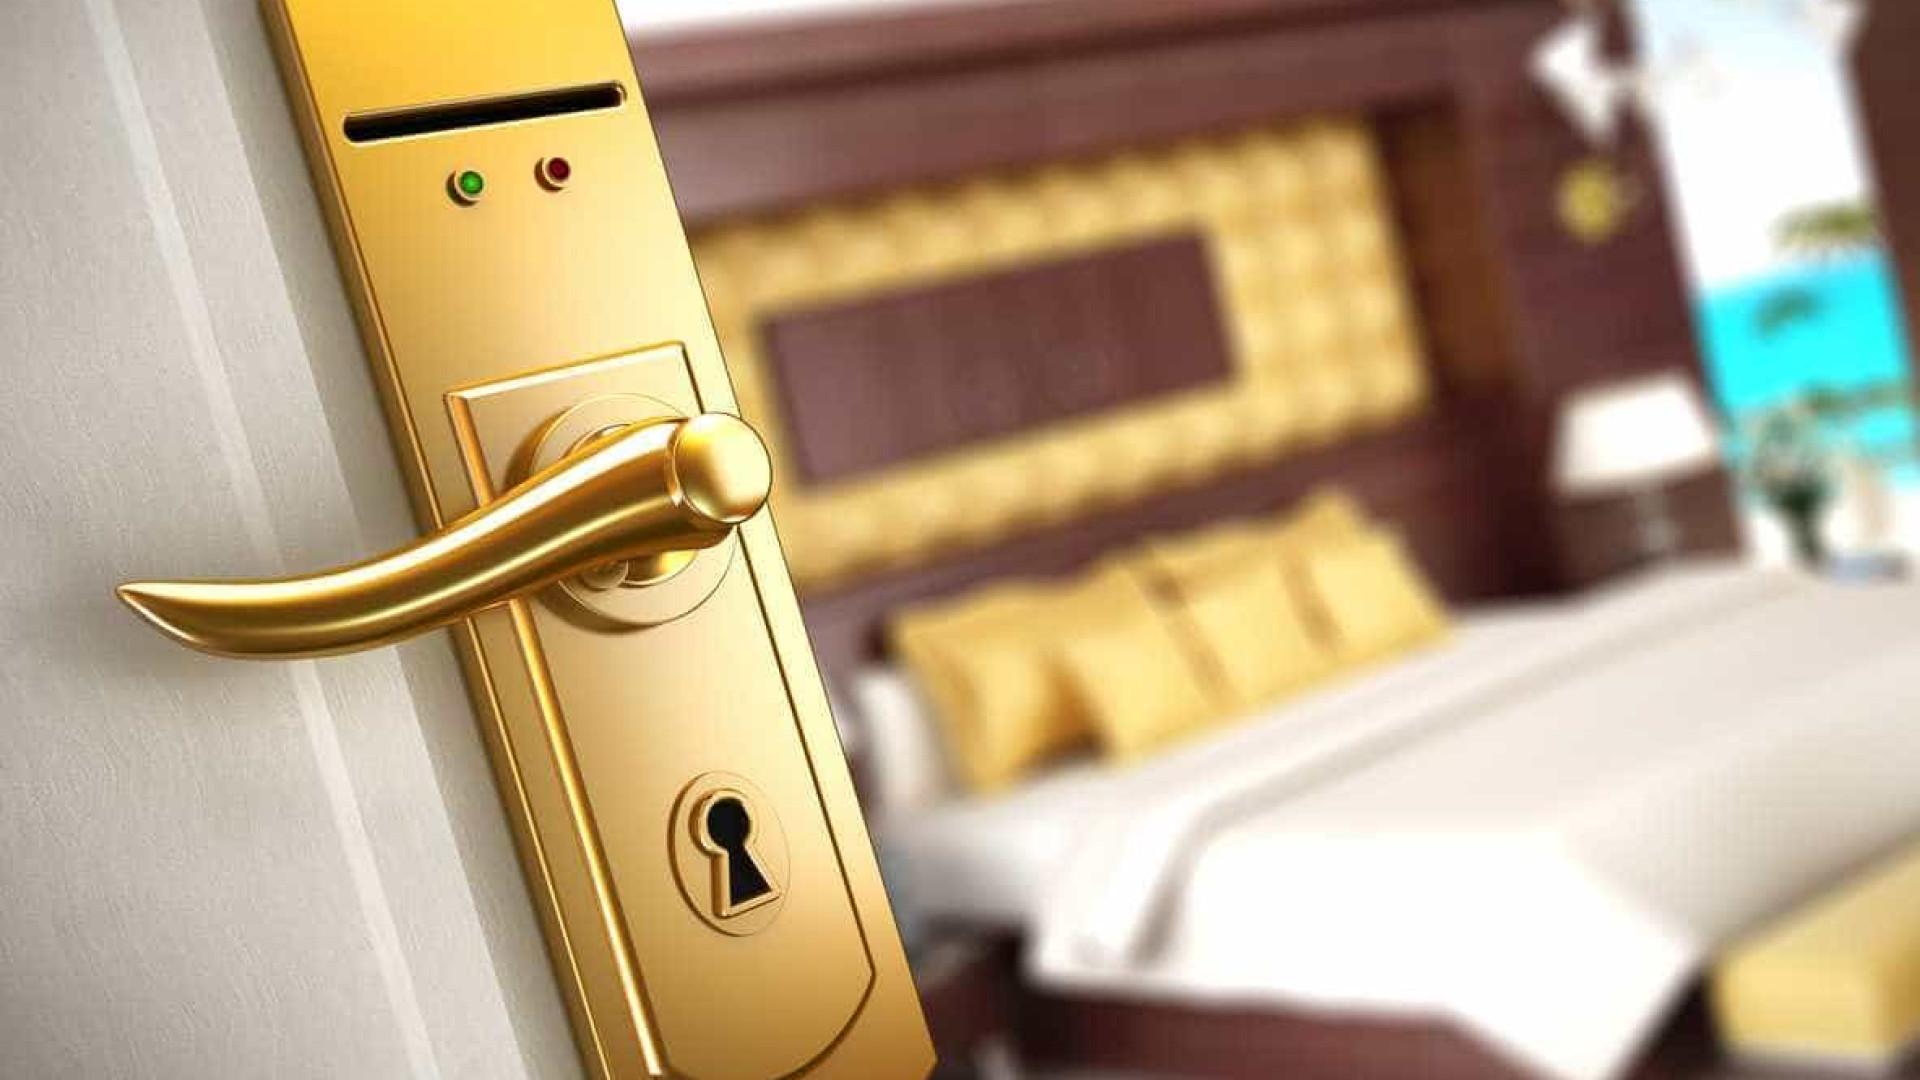 Ocupação hoteleira no Algarve cai para 45,3% em novembro